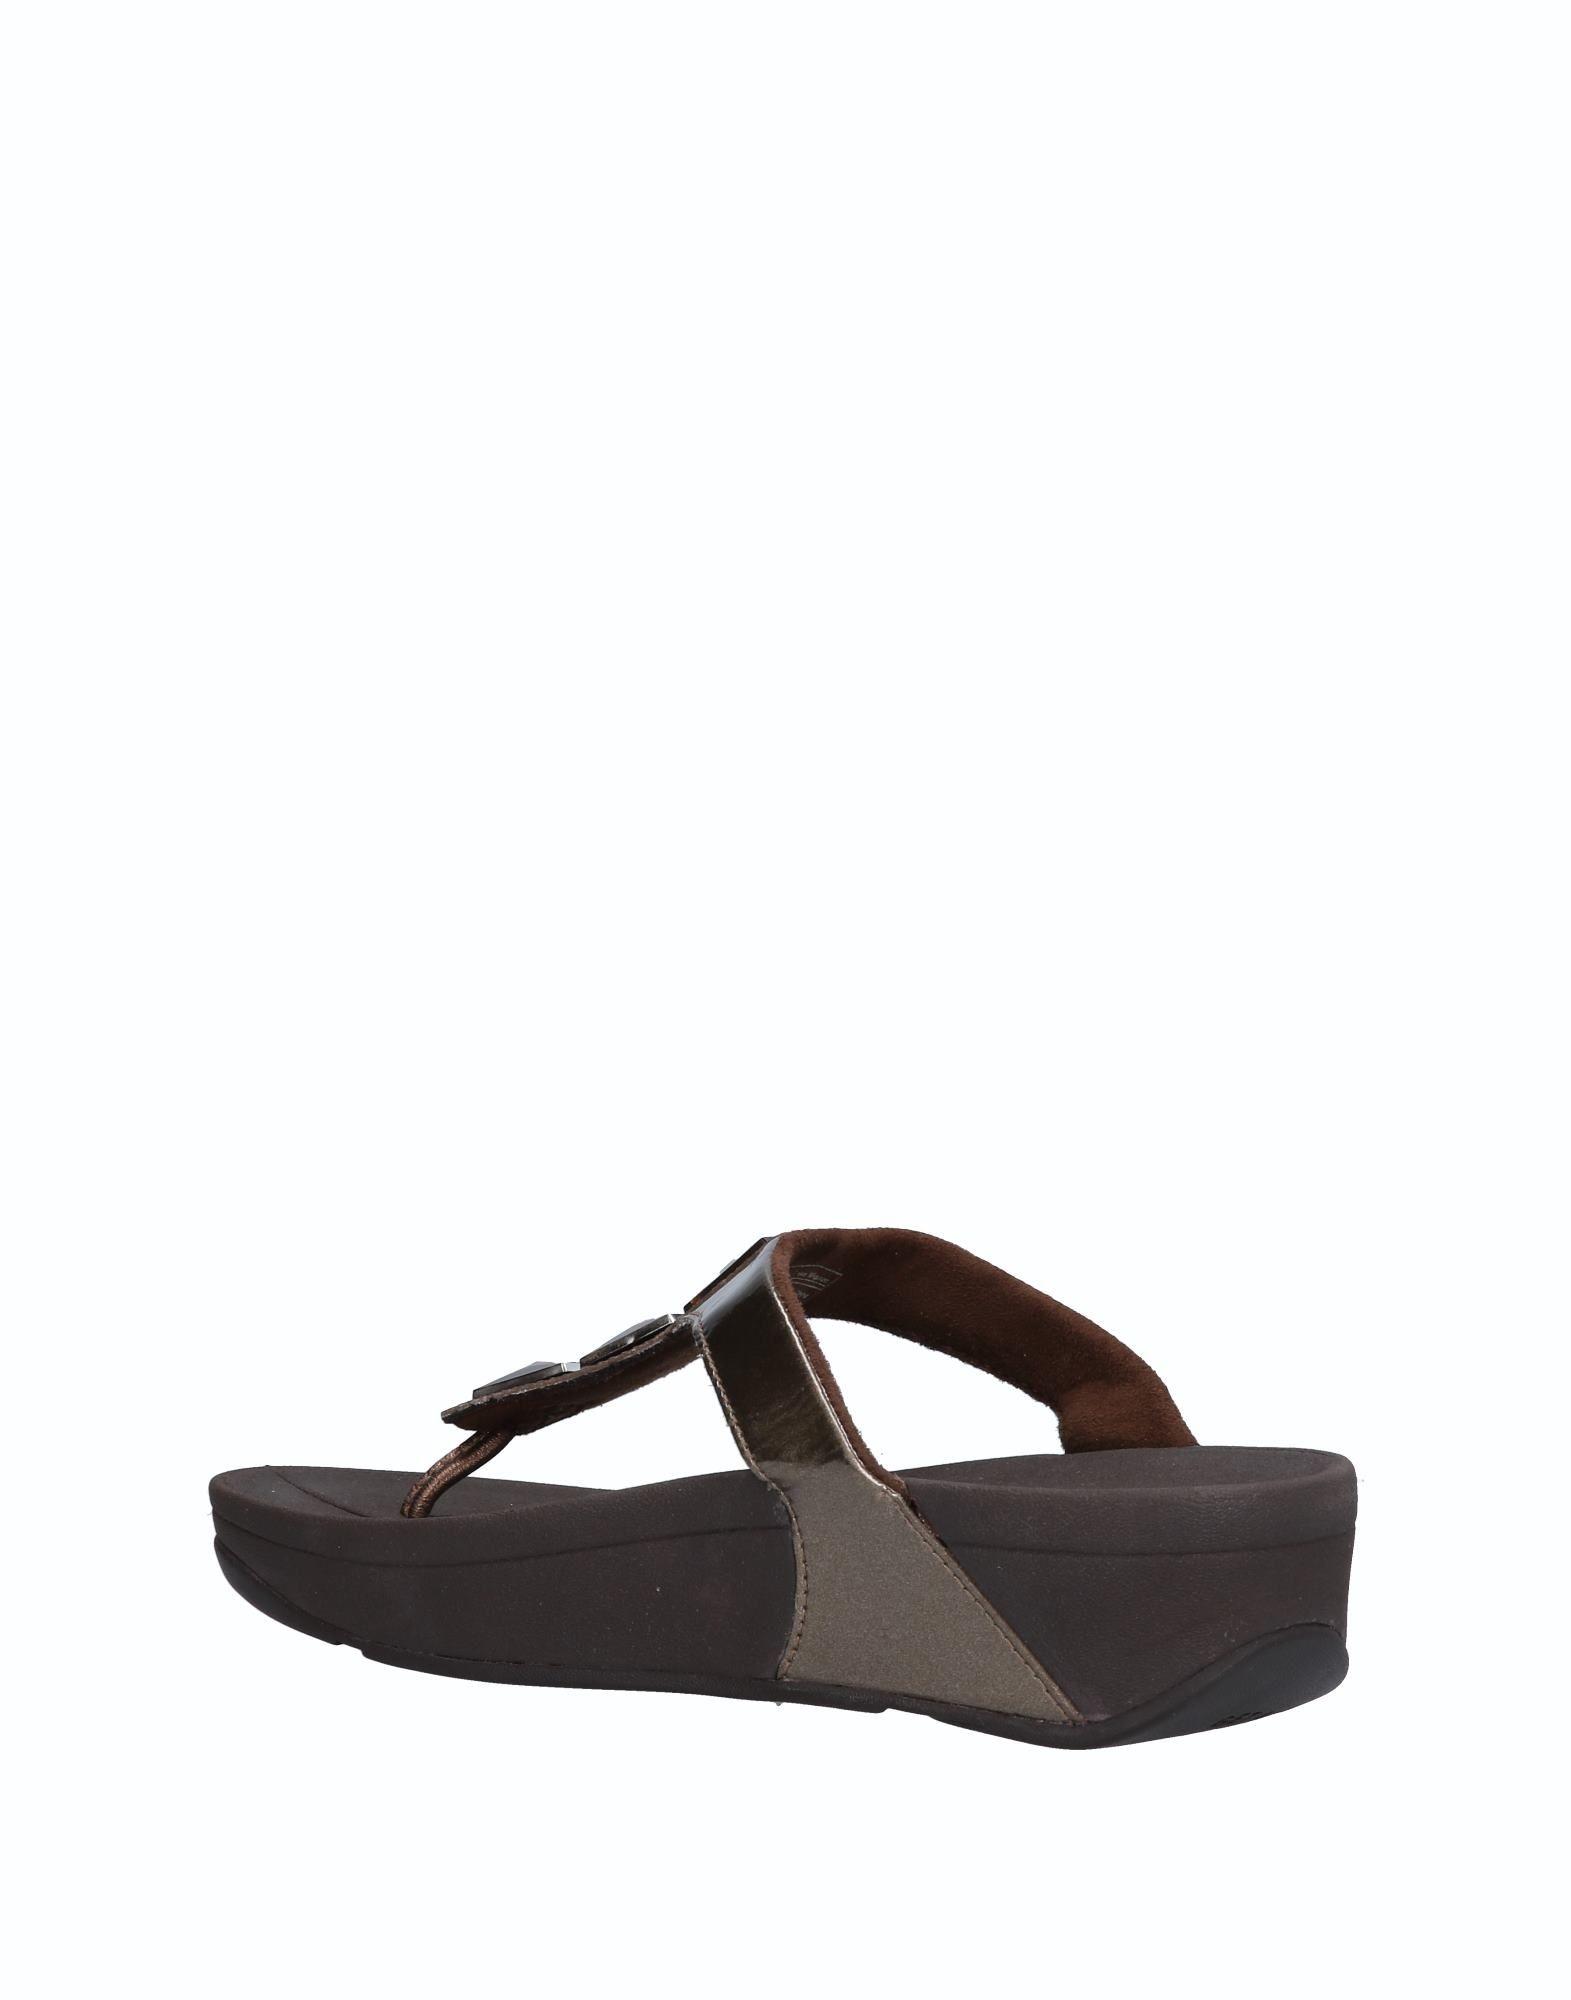 Fitflop Dianetten Damen  Gute 11500762WX Gute  Qualität beliebte Schuhe 2d6c9c